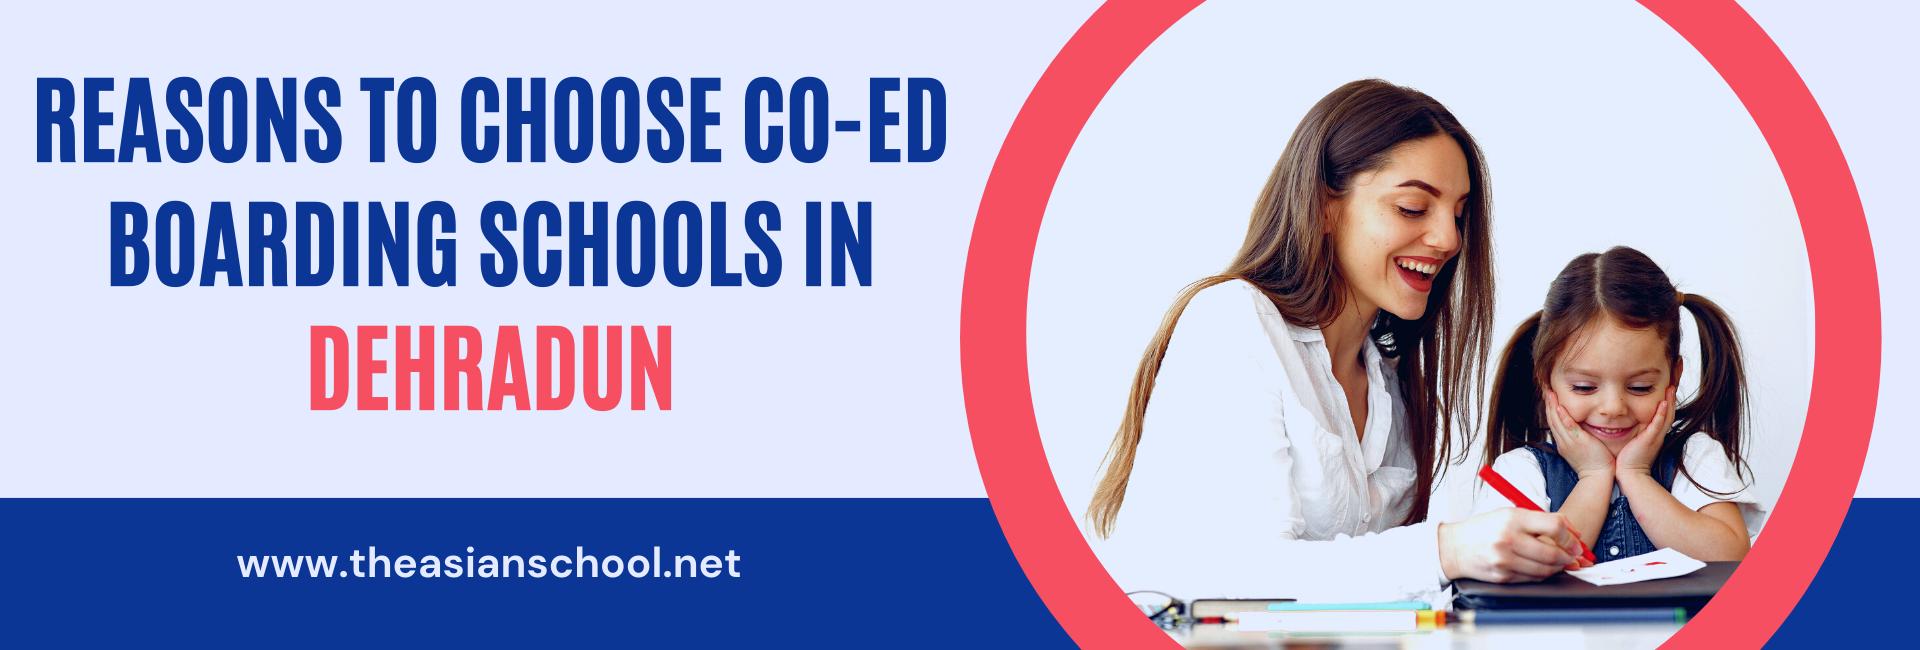 Reasons To Choose Co-ed Boarding Schools In Dehradun